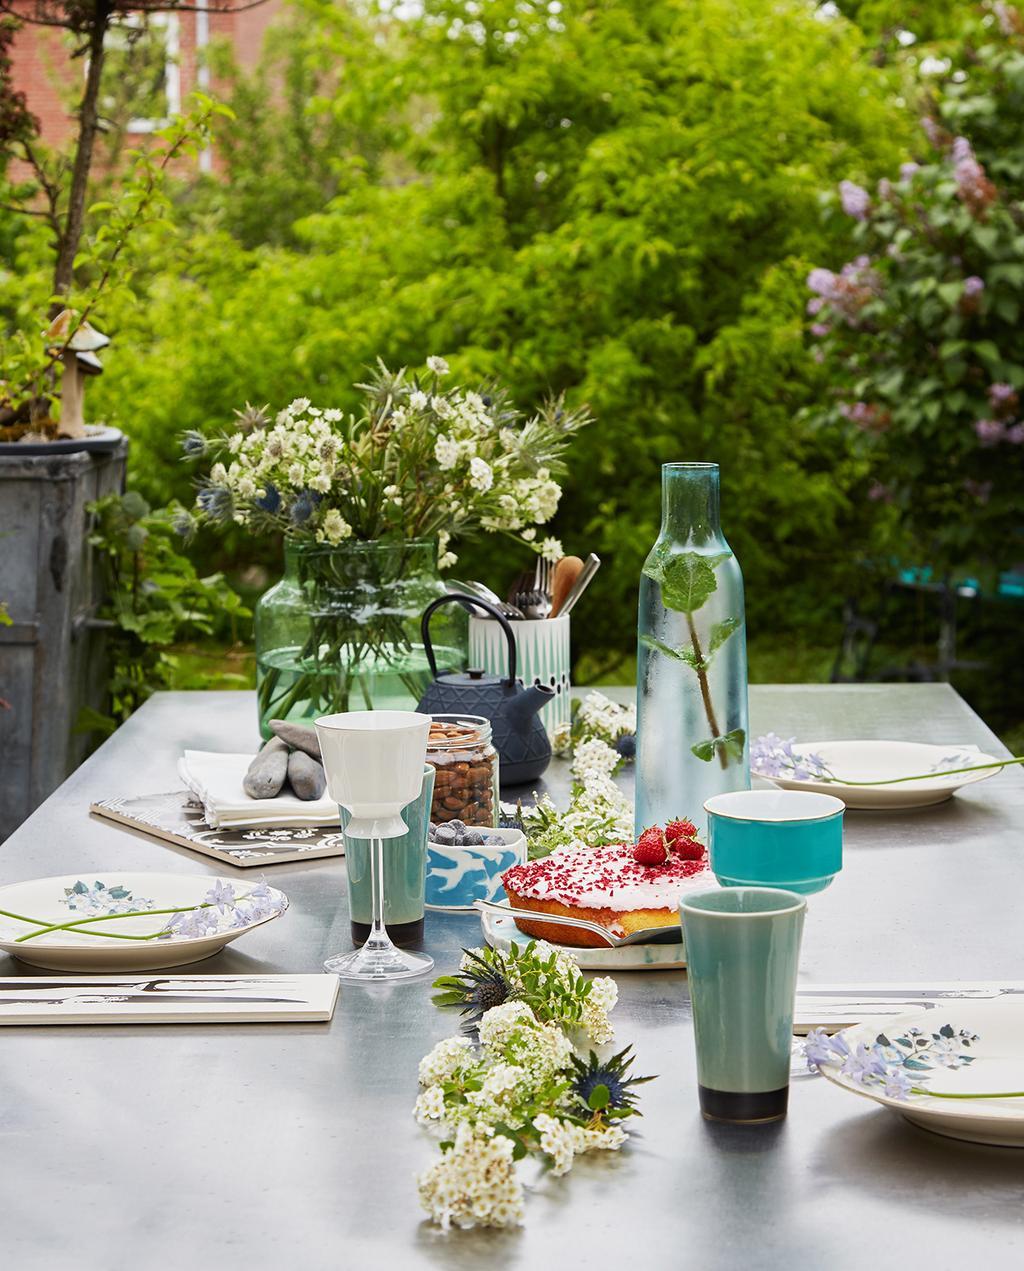 vtwonen tuin special 1 | gedekte eettafel buiten met uitzicht op de tuin Kopenhagen